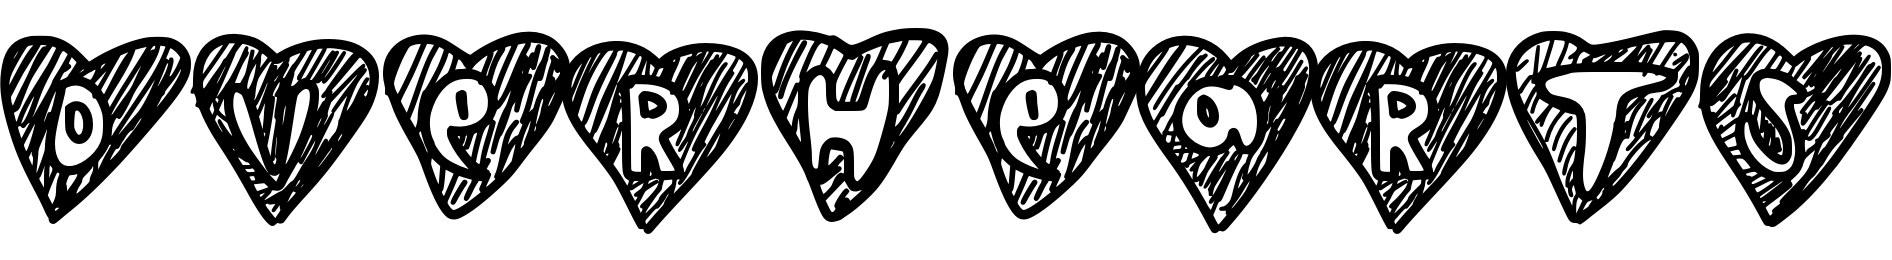 Overhearts